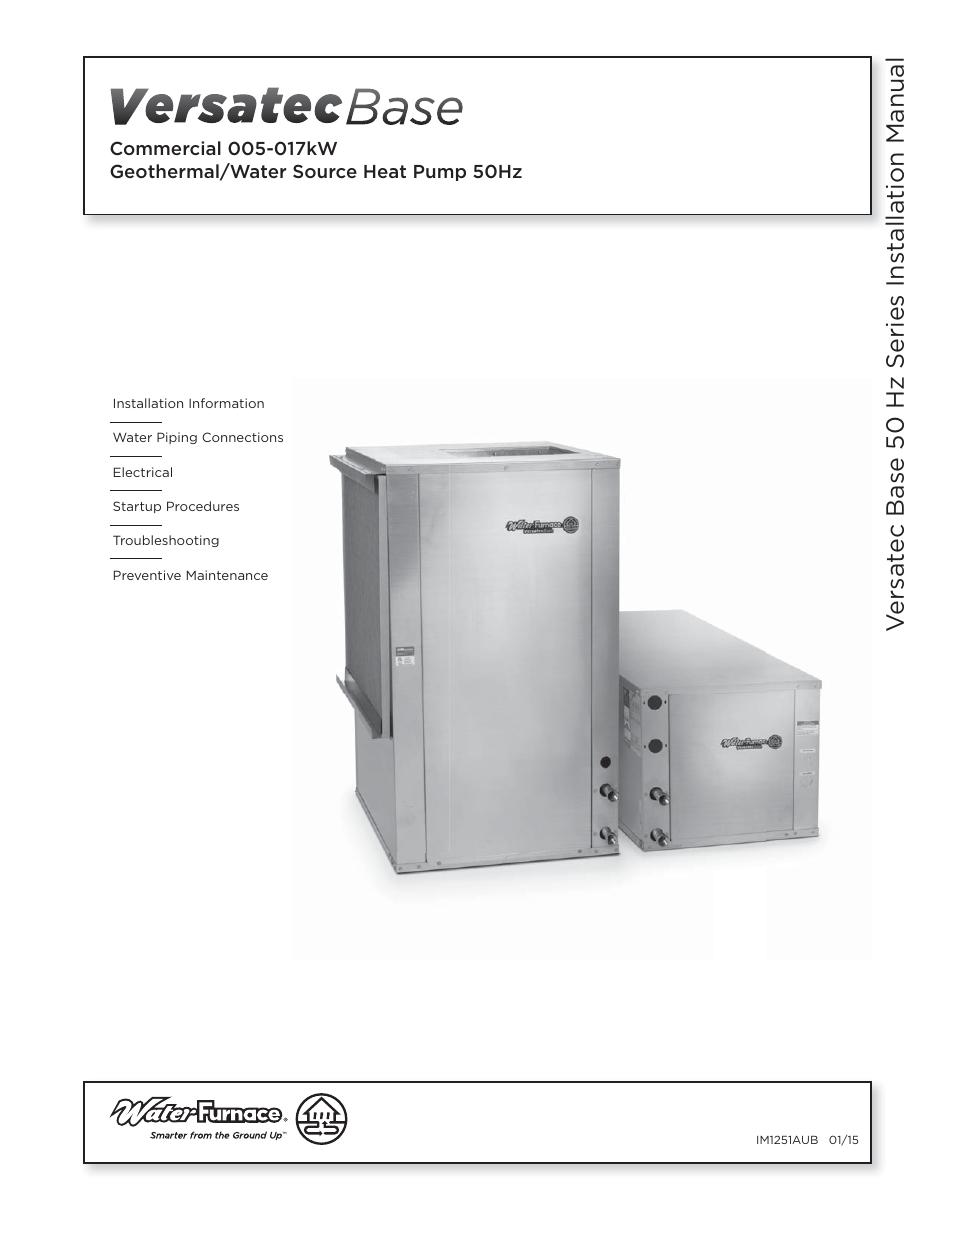 Waterfurnace Versatec Base User Manual 55 Pages Wiring Diagram